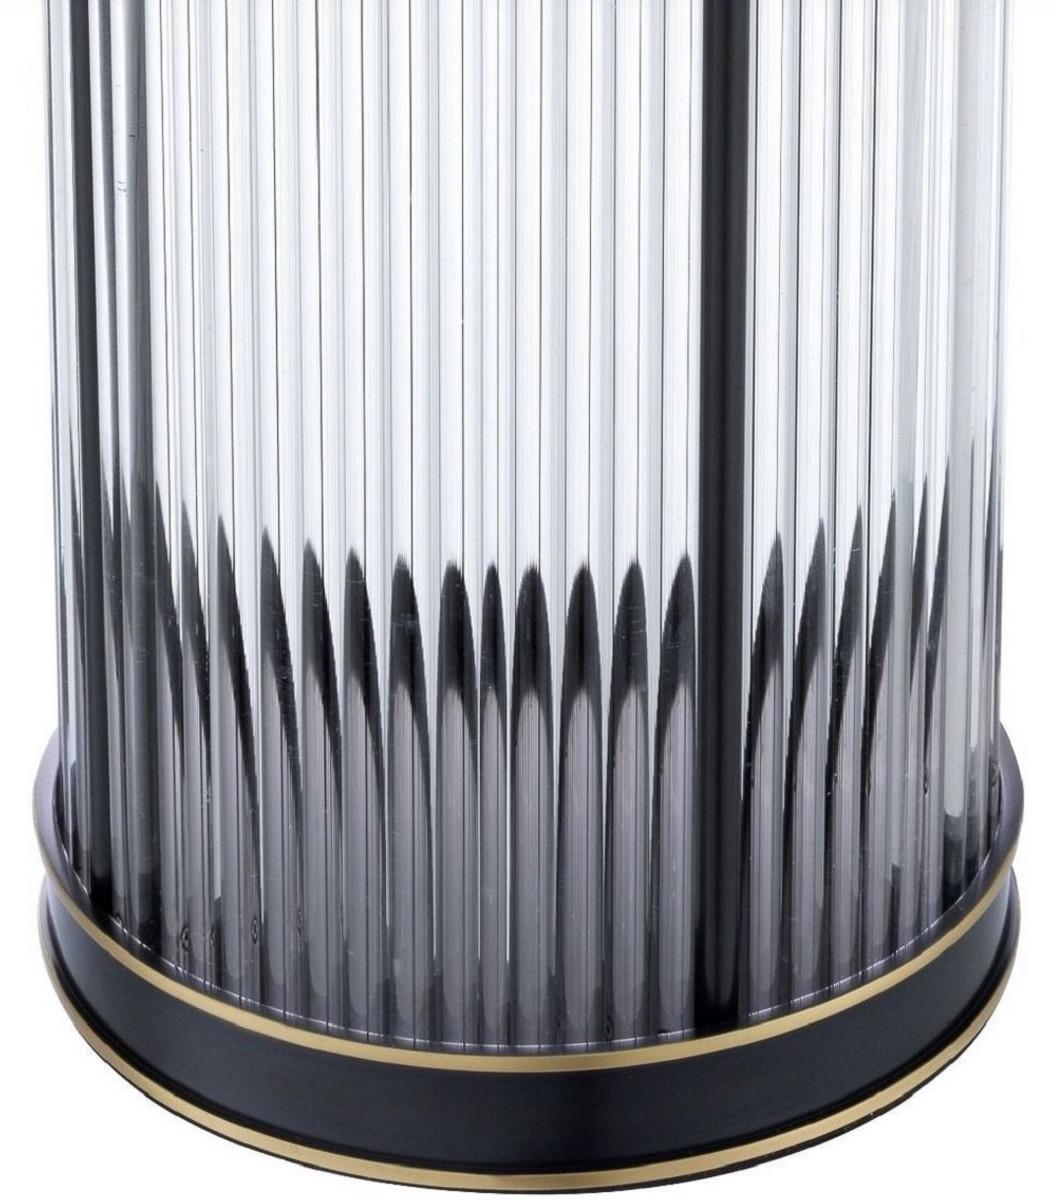 Casa Padrino Luxus Kerzenleuchter Bronze / Messing Ø 16,5 x H. 27,5 cm - Deko Accessoires - Luxus Qualität 5